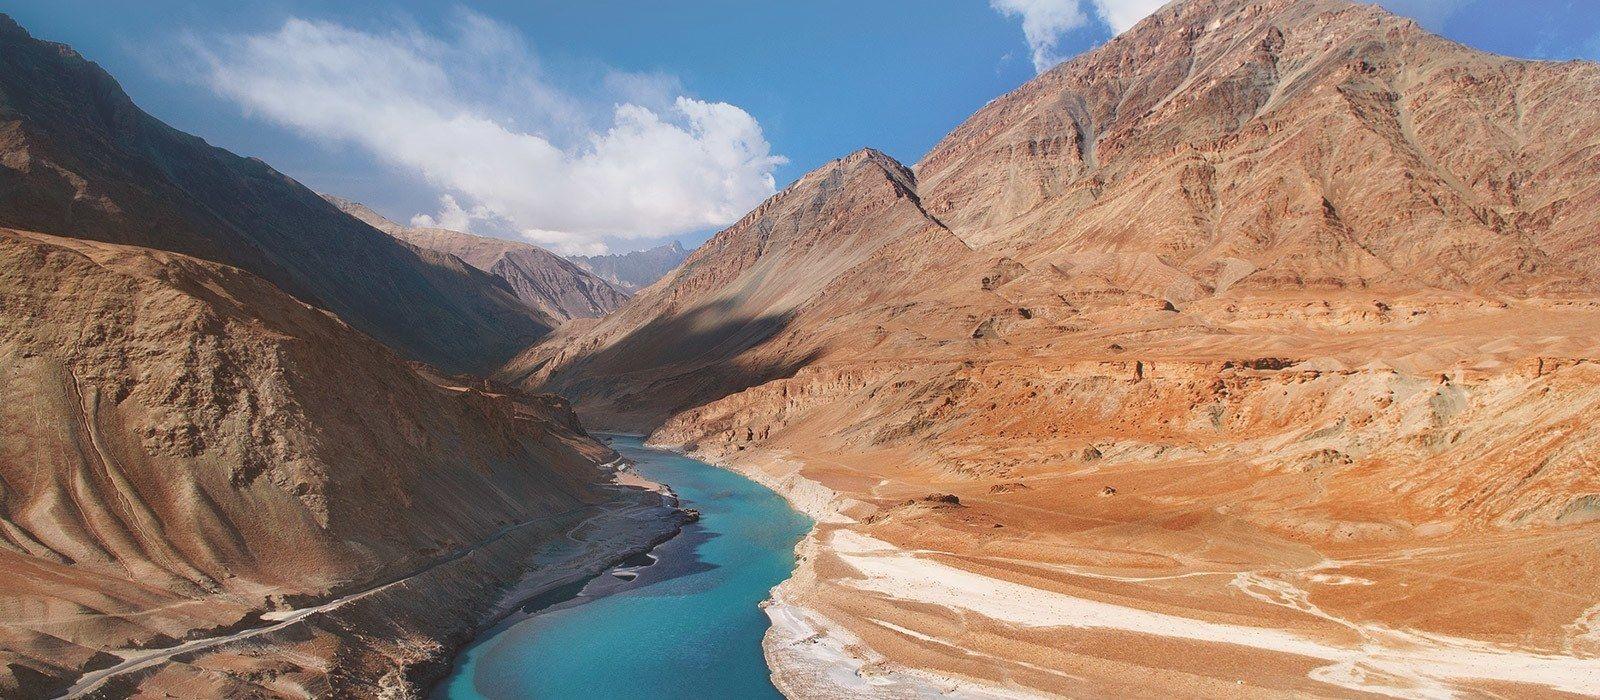 Travel Destination Zona de los Himalayas